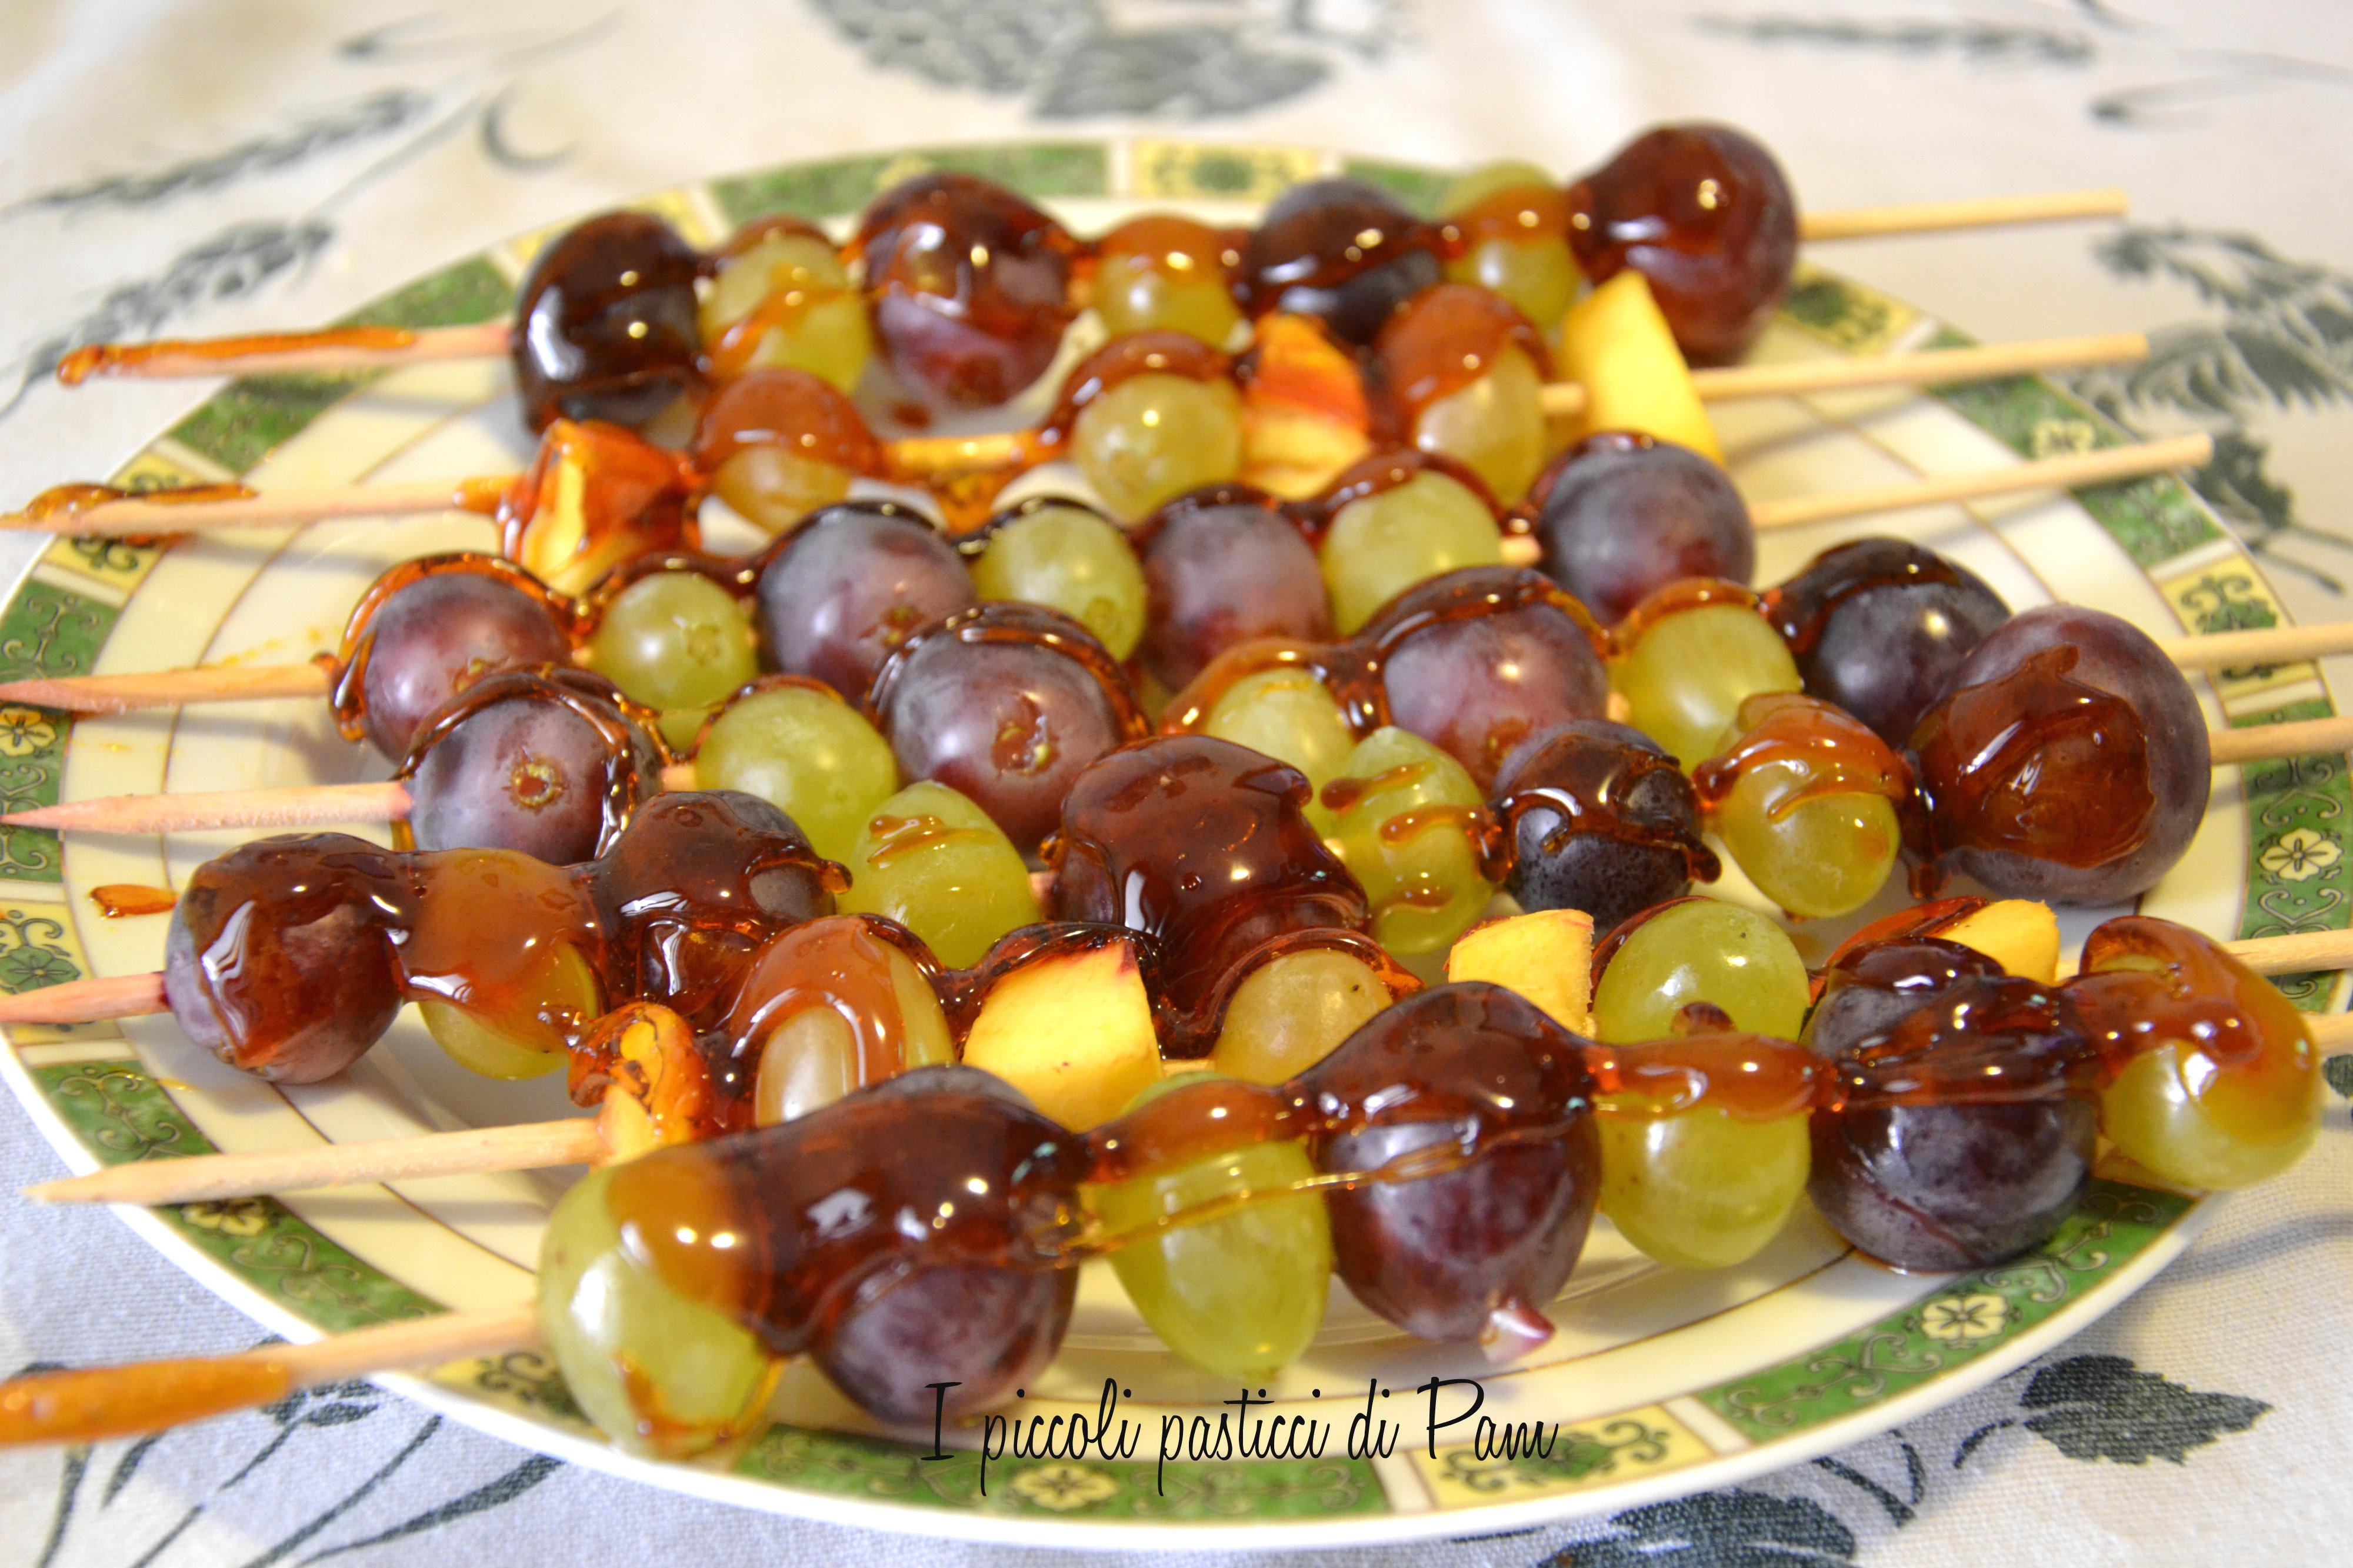 Ricerca ricette con spiedini di frutta caramellata - Contorno di immagini di frutta ...